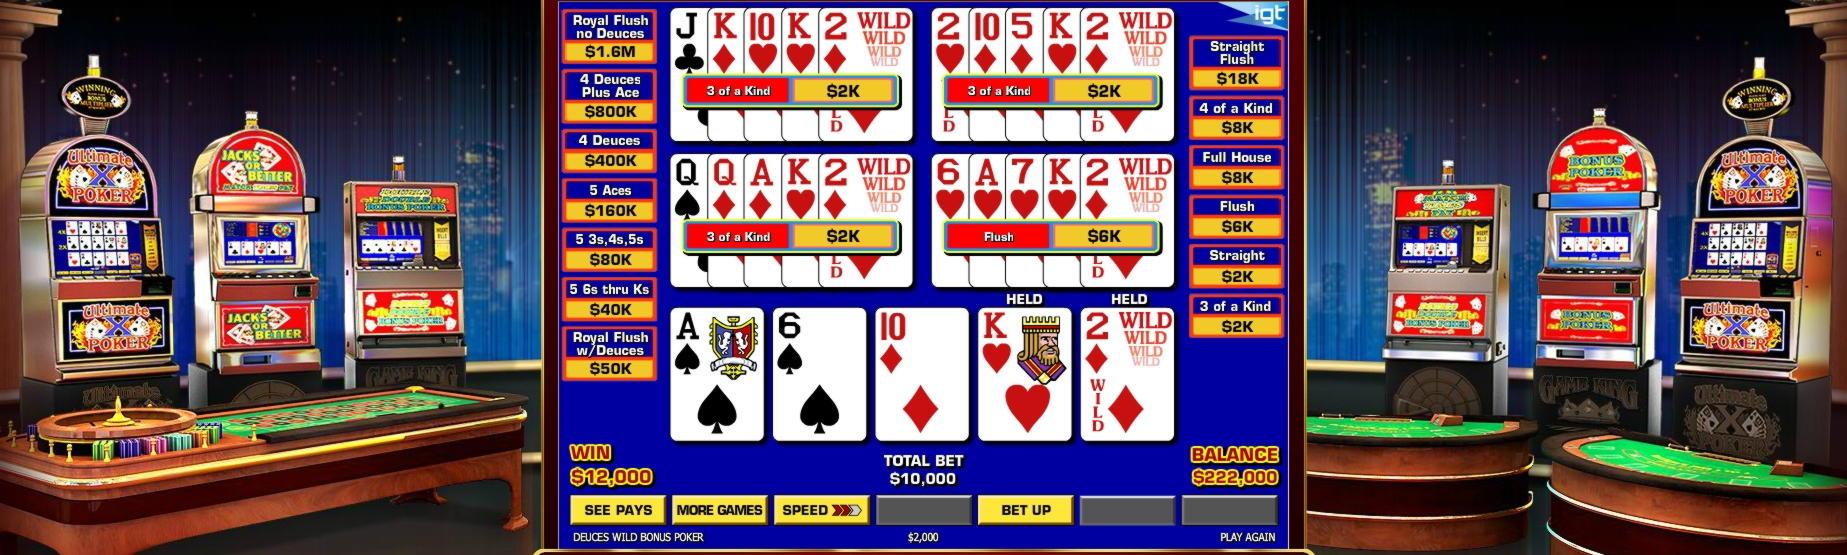 865% Nānā Loa Loaʻa ma ka Flume Casino